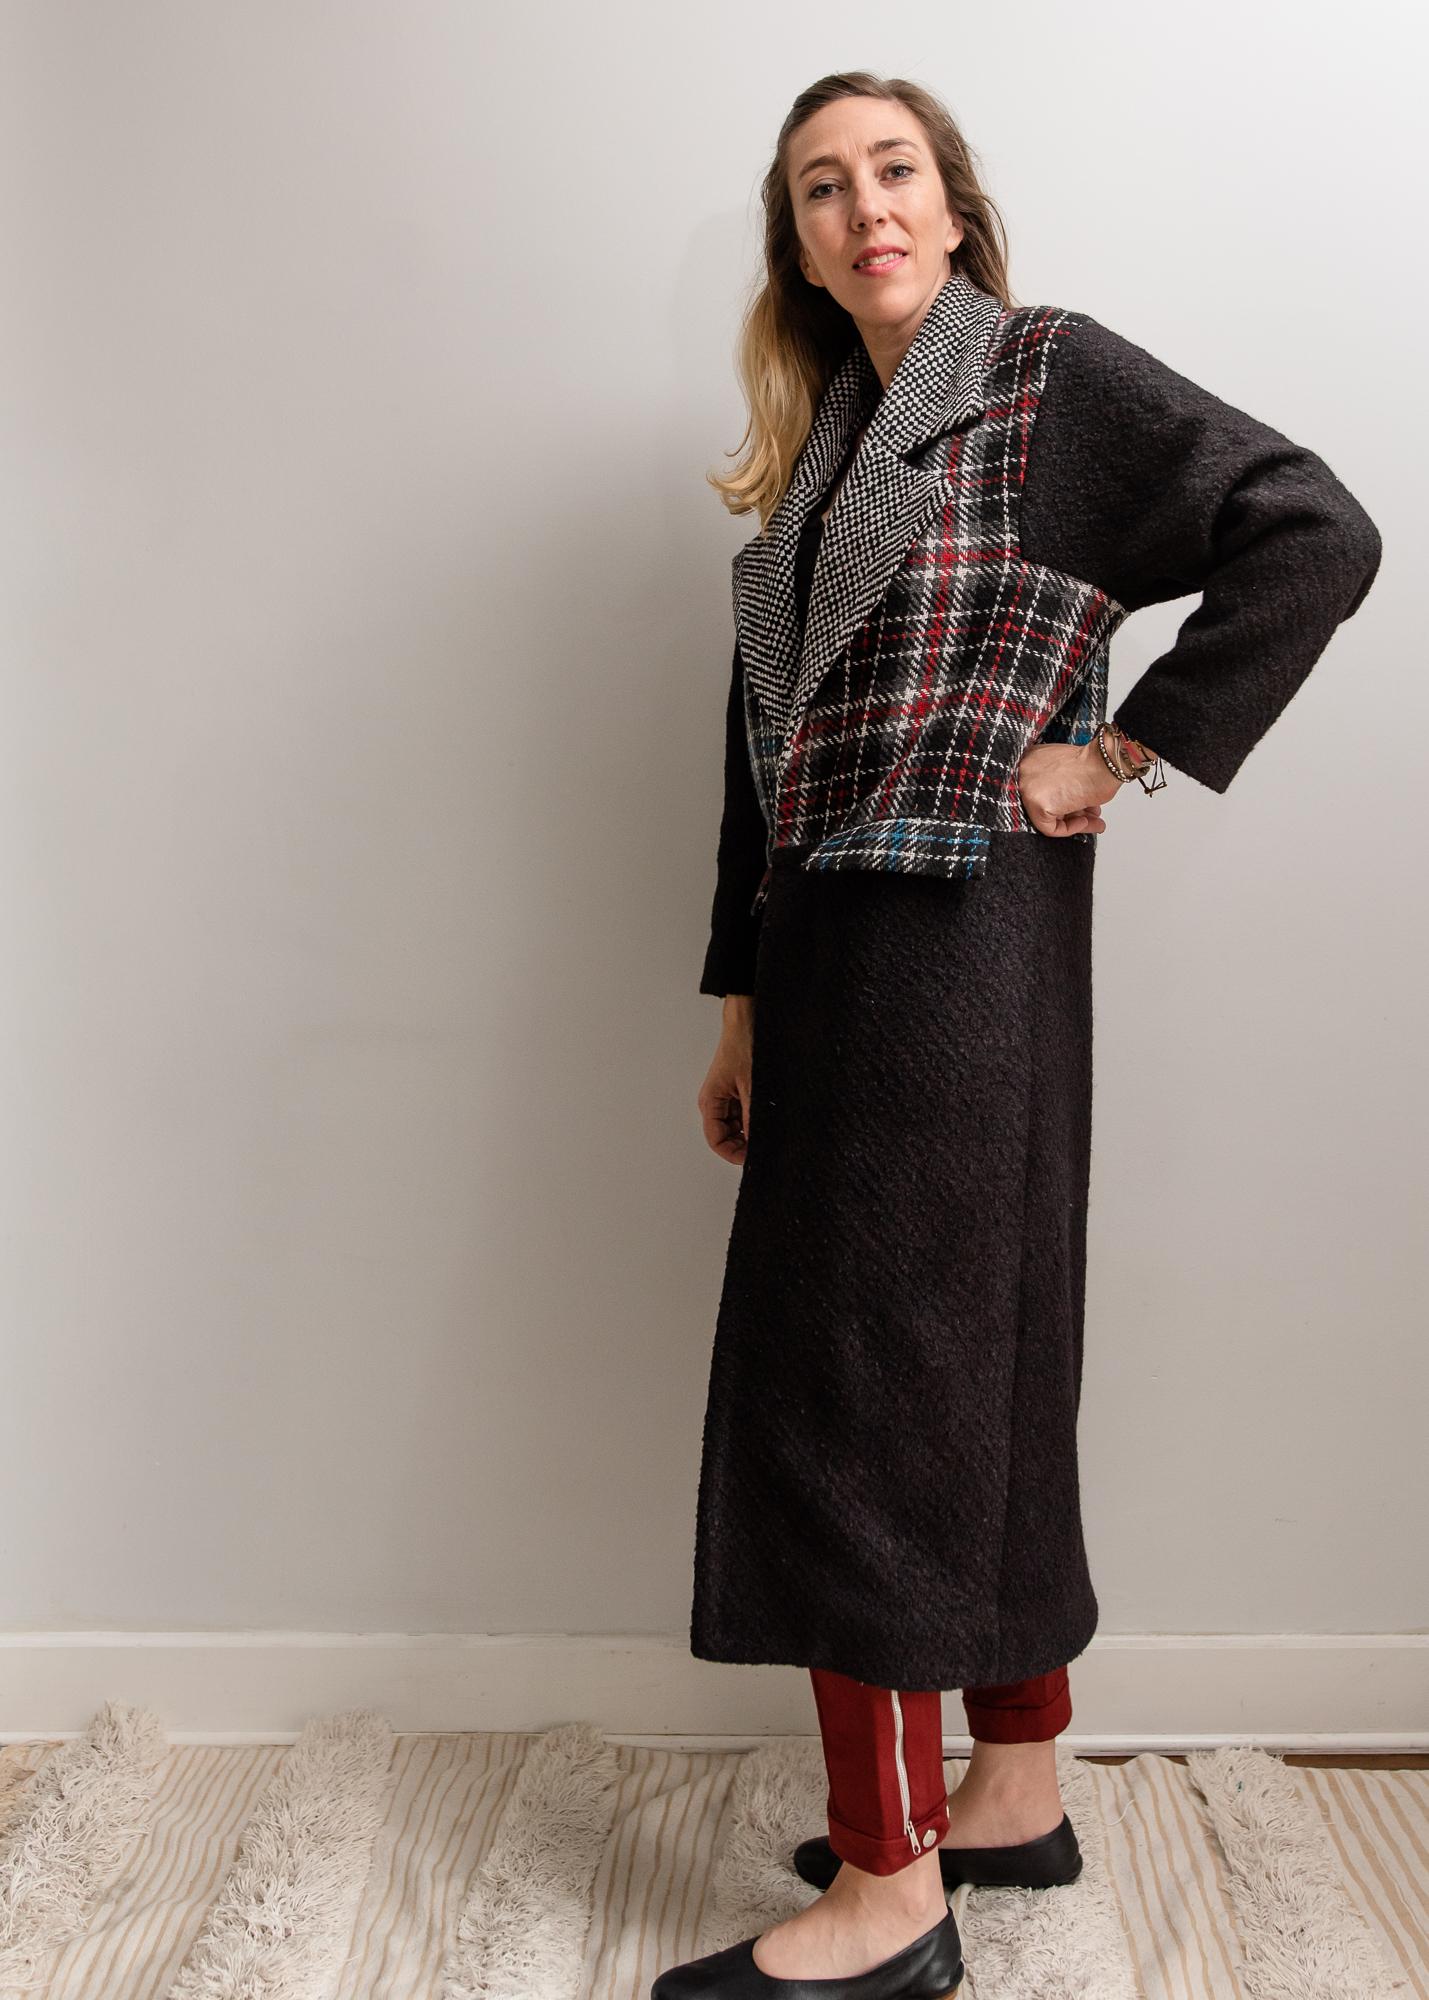 Surtout-Pdf-Sewing-Pattern-Coat-DIY20.jpg